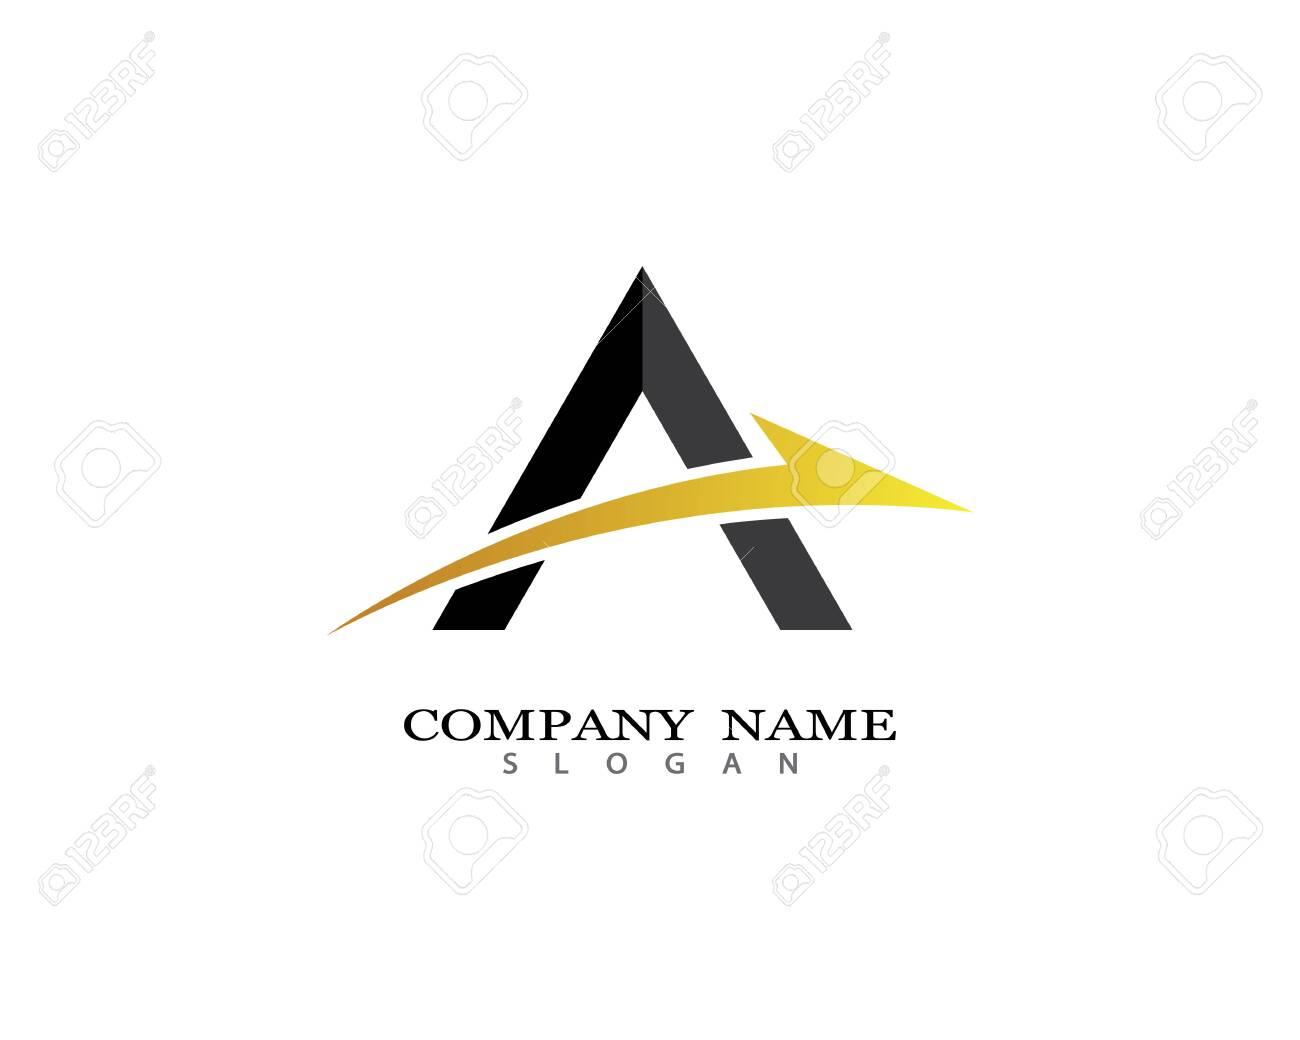 Letter a symbol illustration design - 143838320